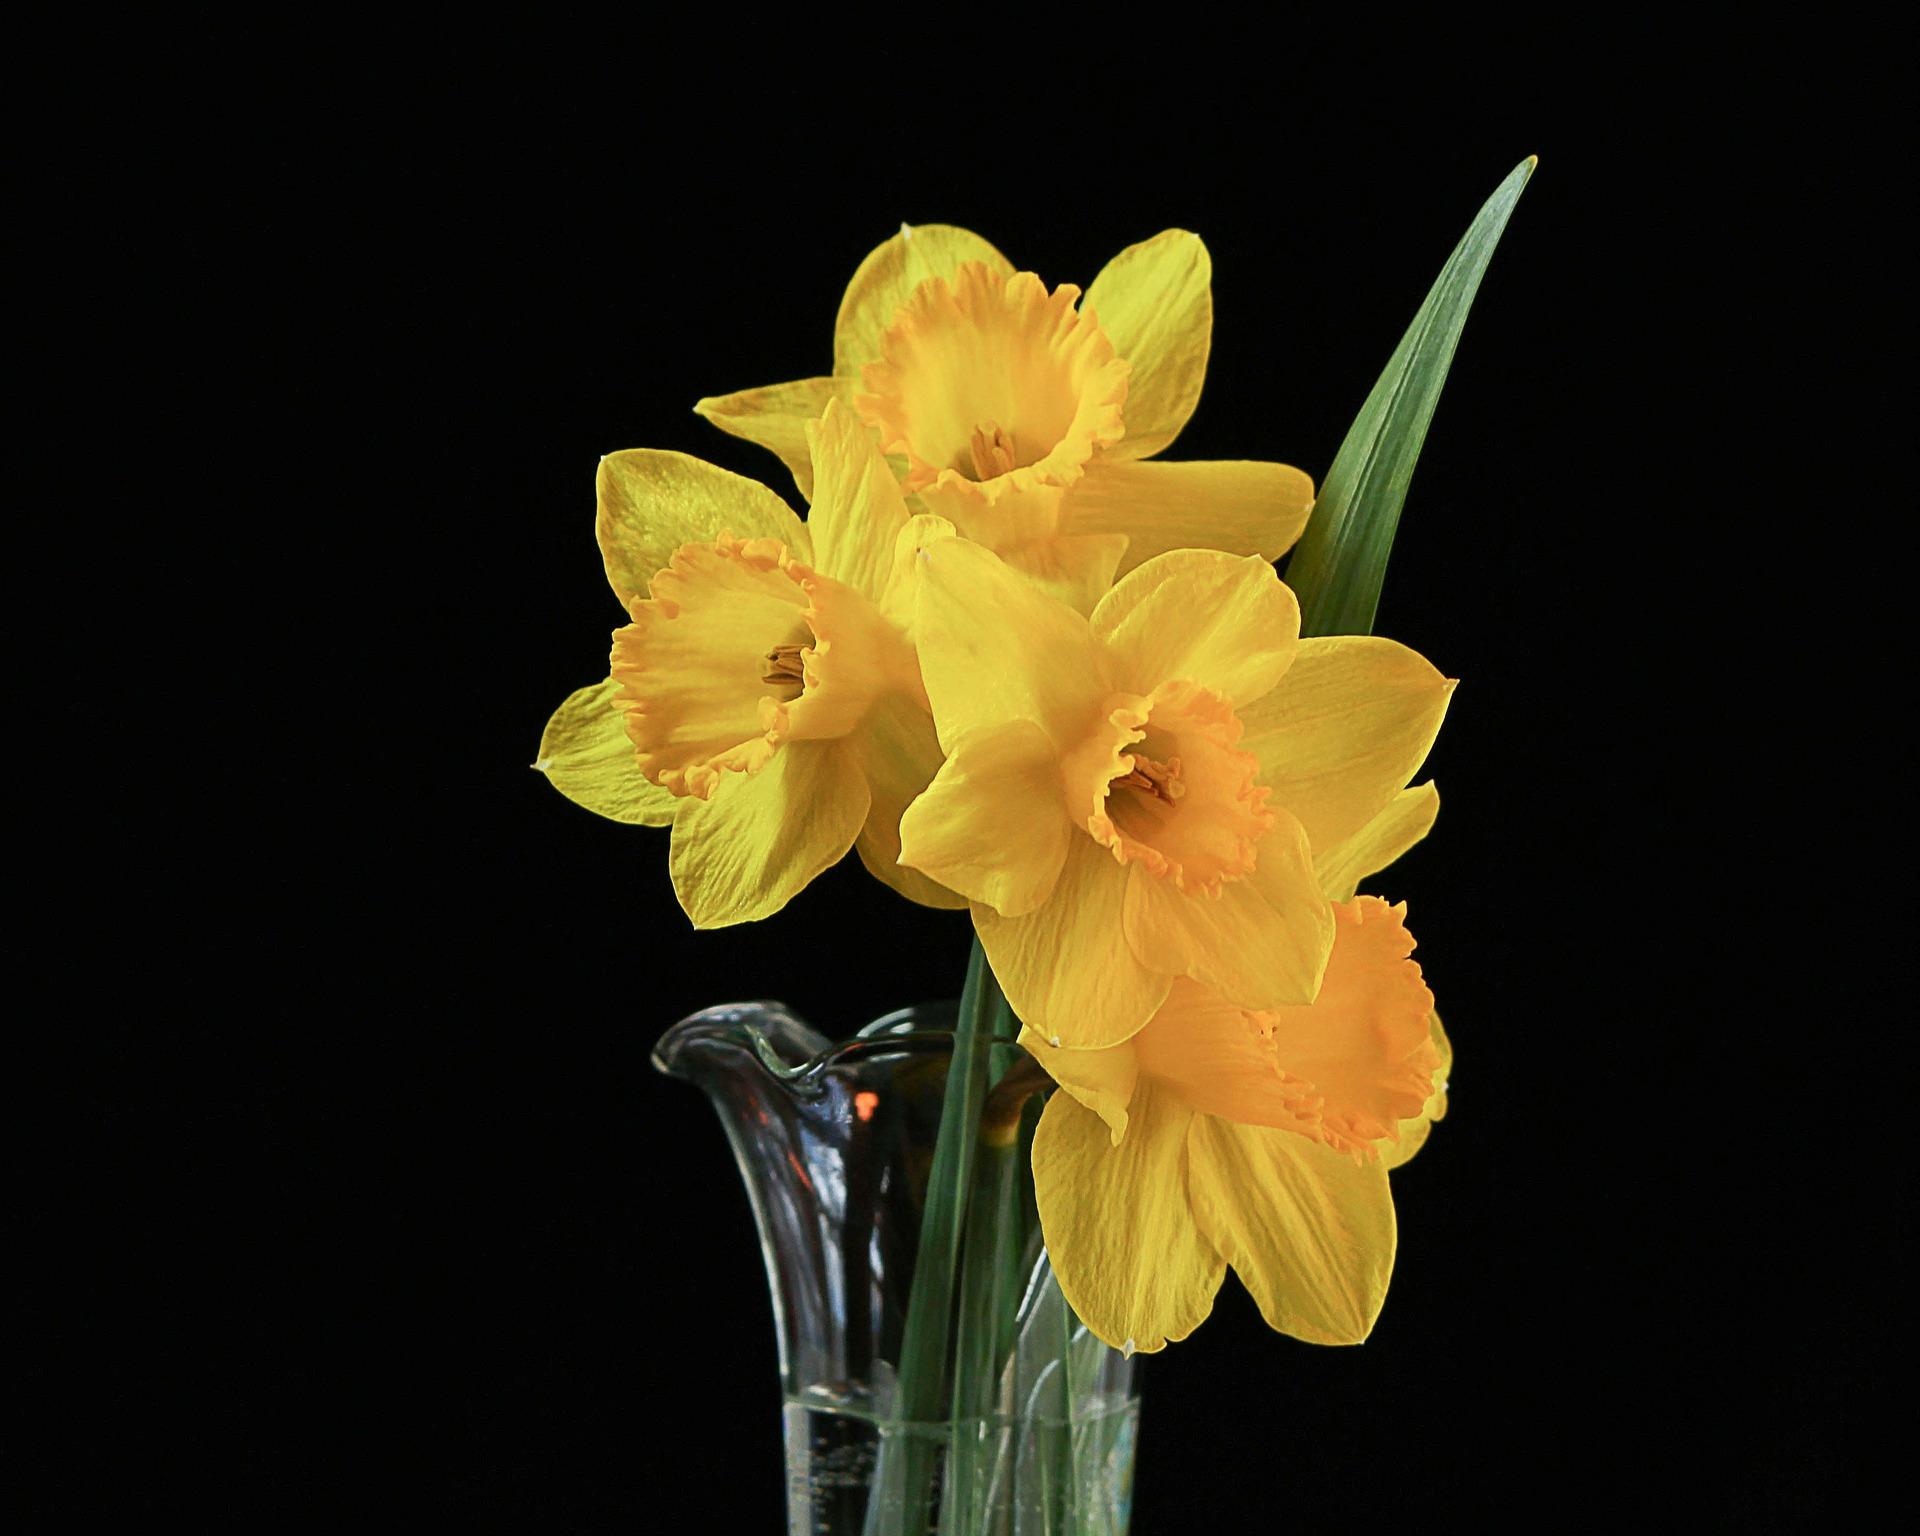 zagadki o wiośnie i wiosennych kwiatach zgadywanki z odpowiedziami